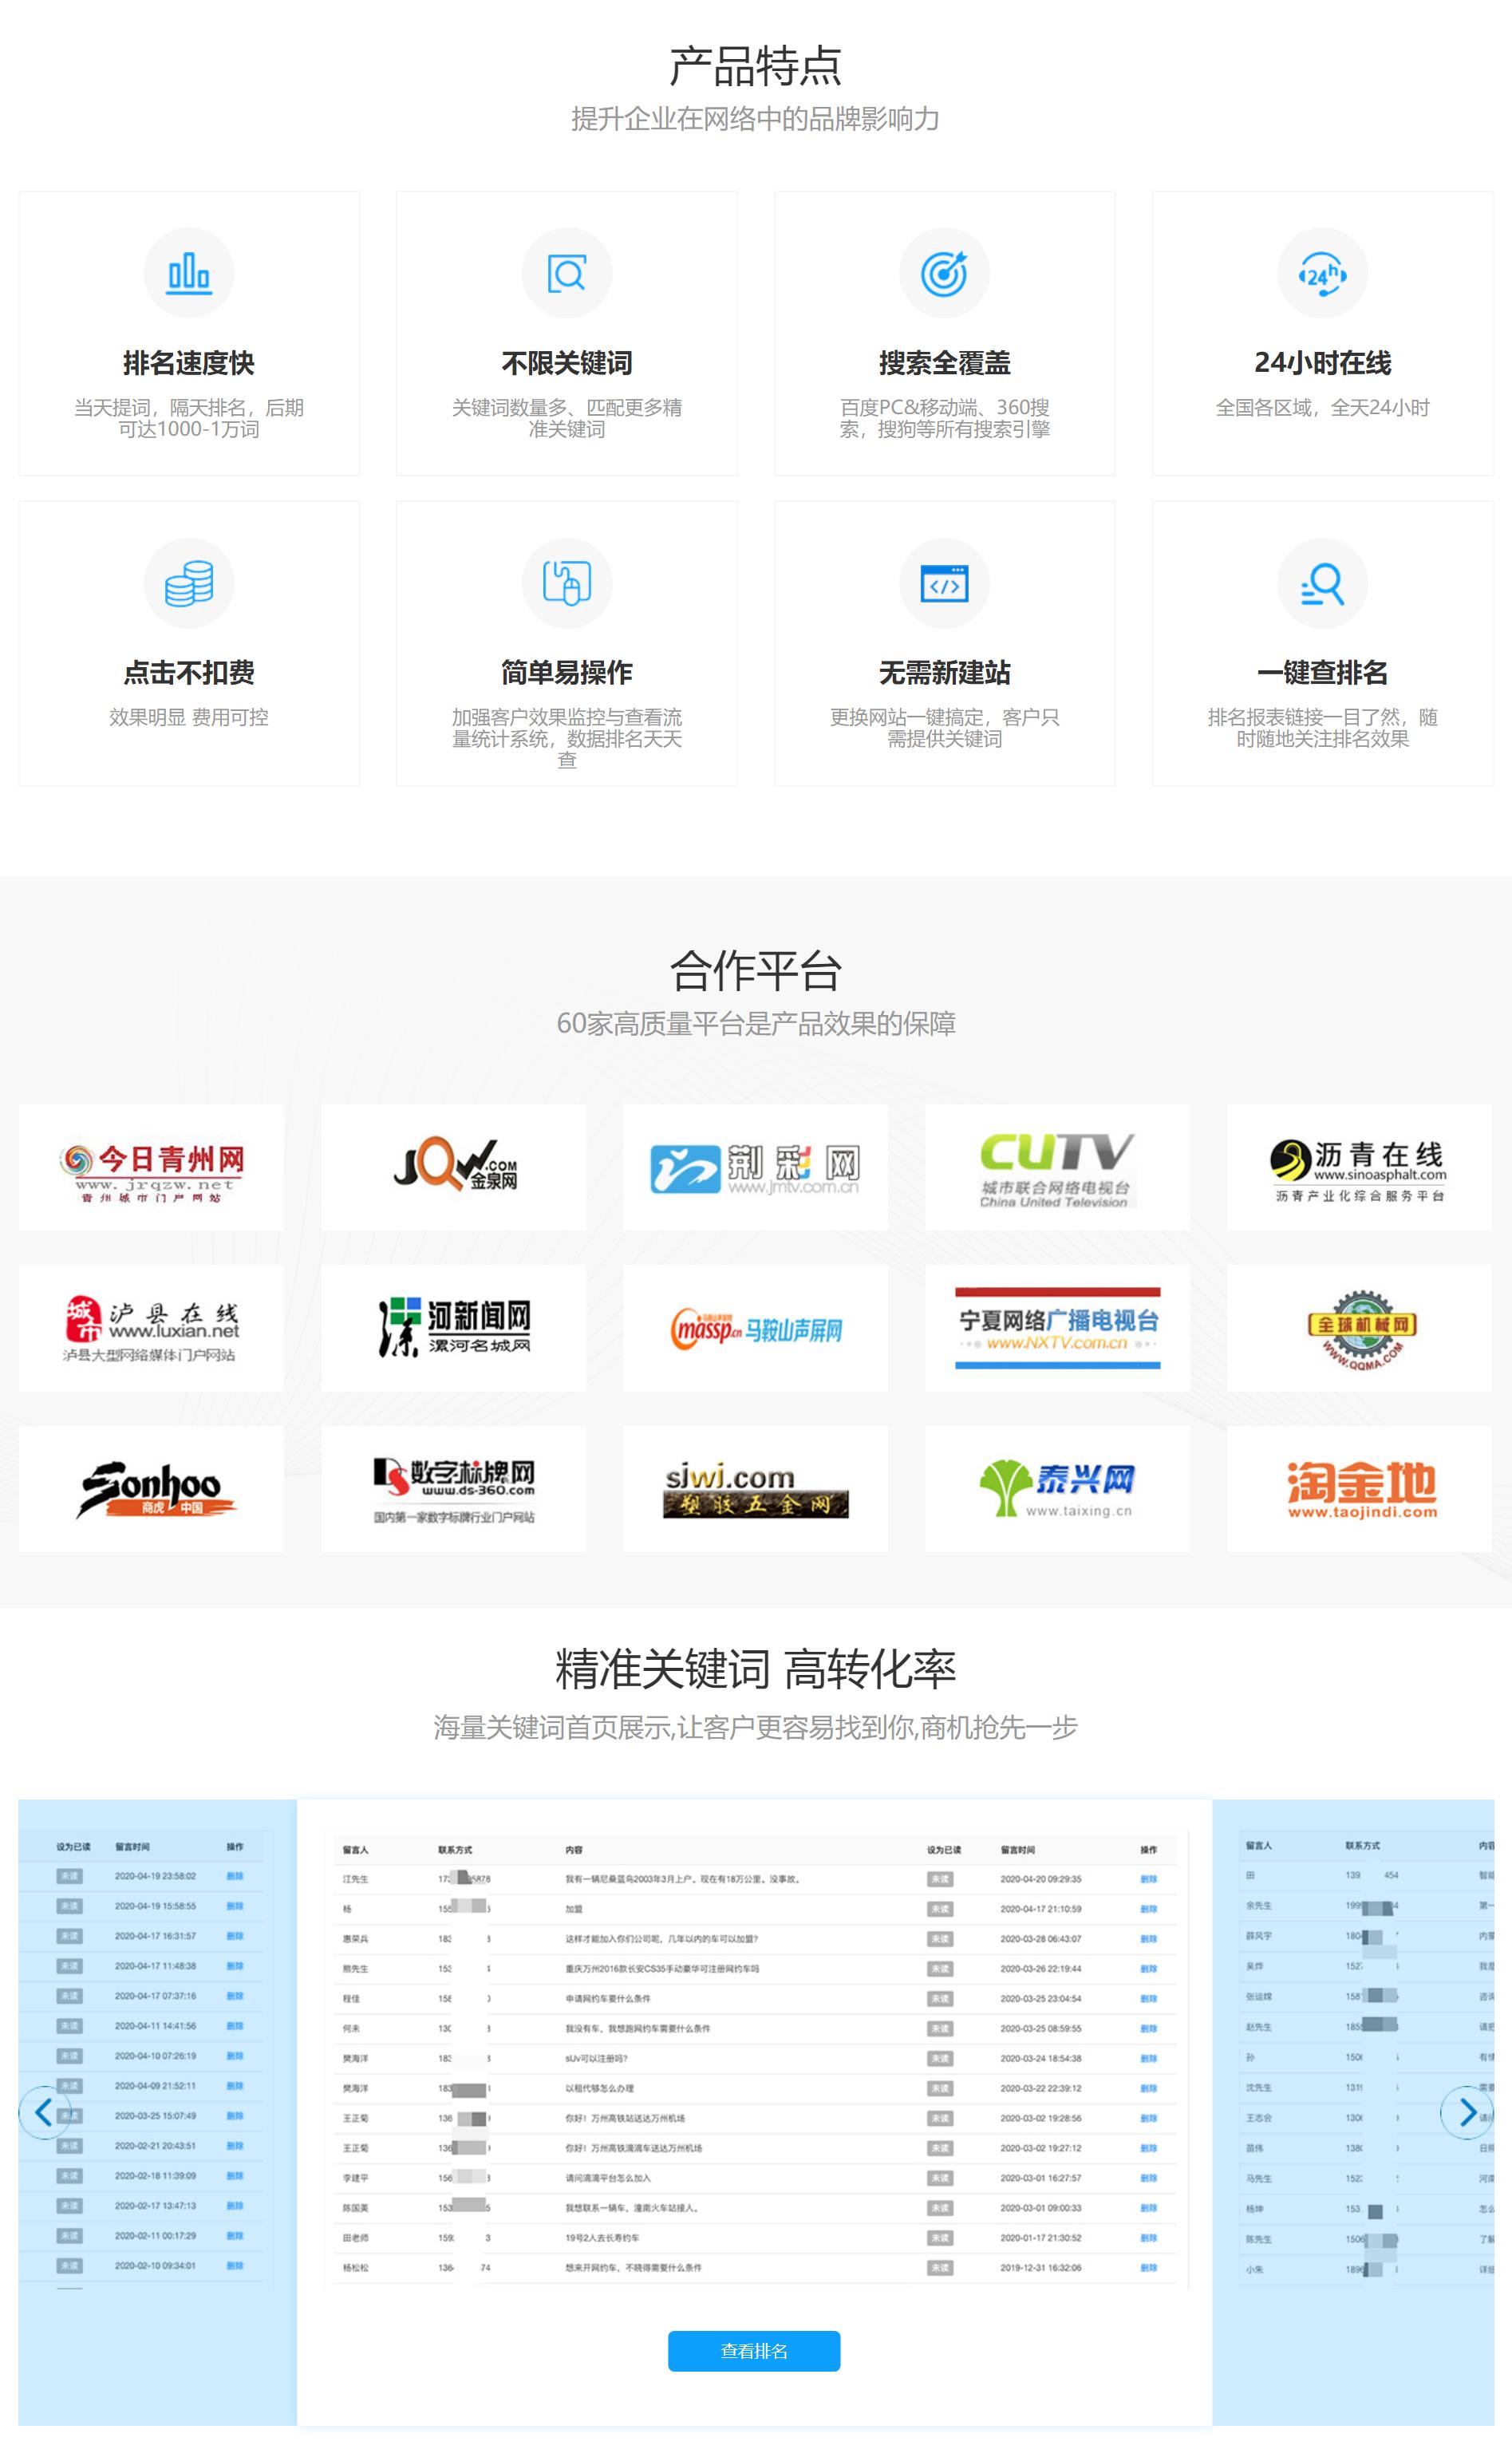 内蒙古全网推广|包头搜索引擎优化|万词霸屏|网络营销-艾尚网电子商务